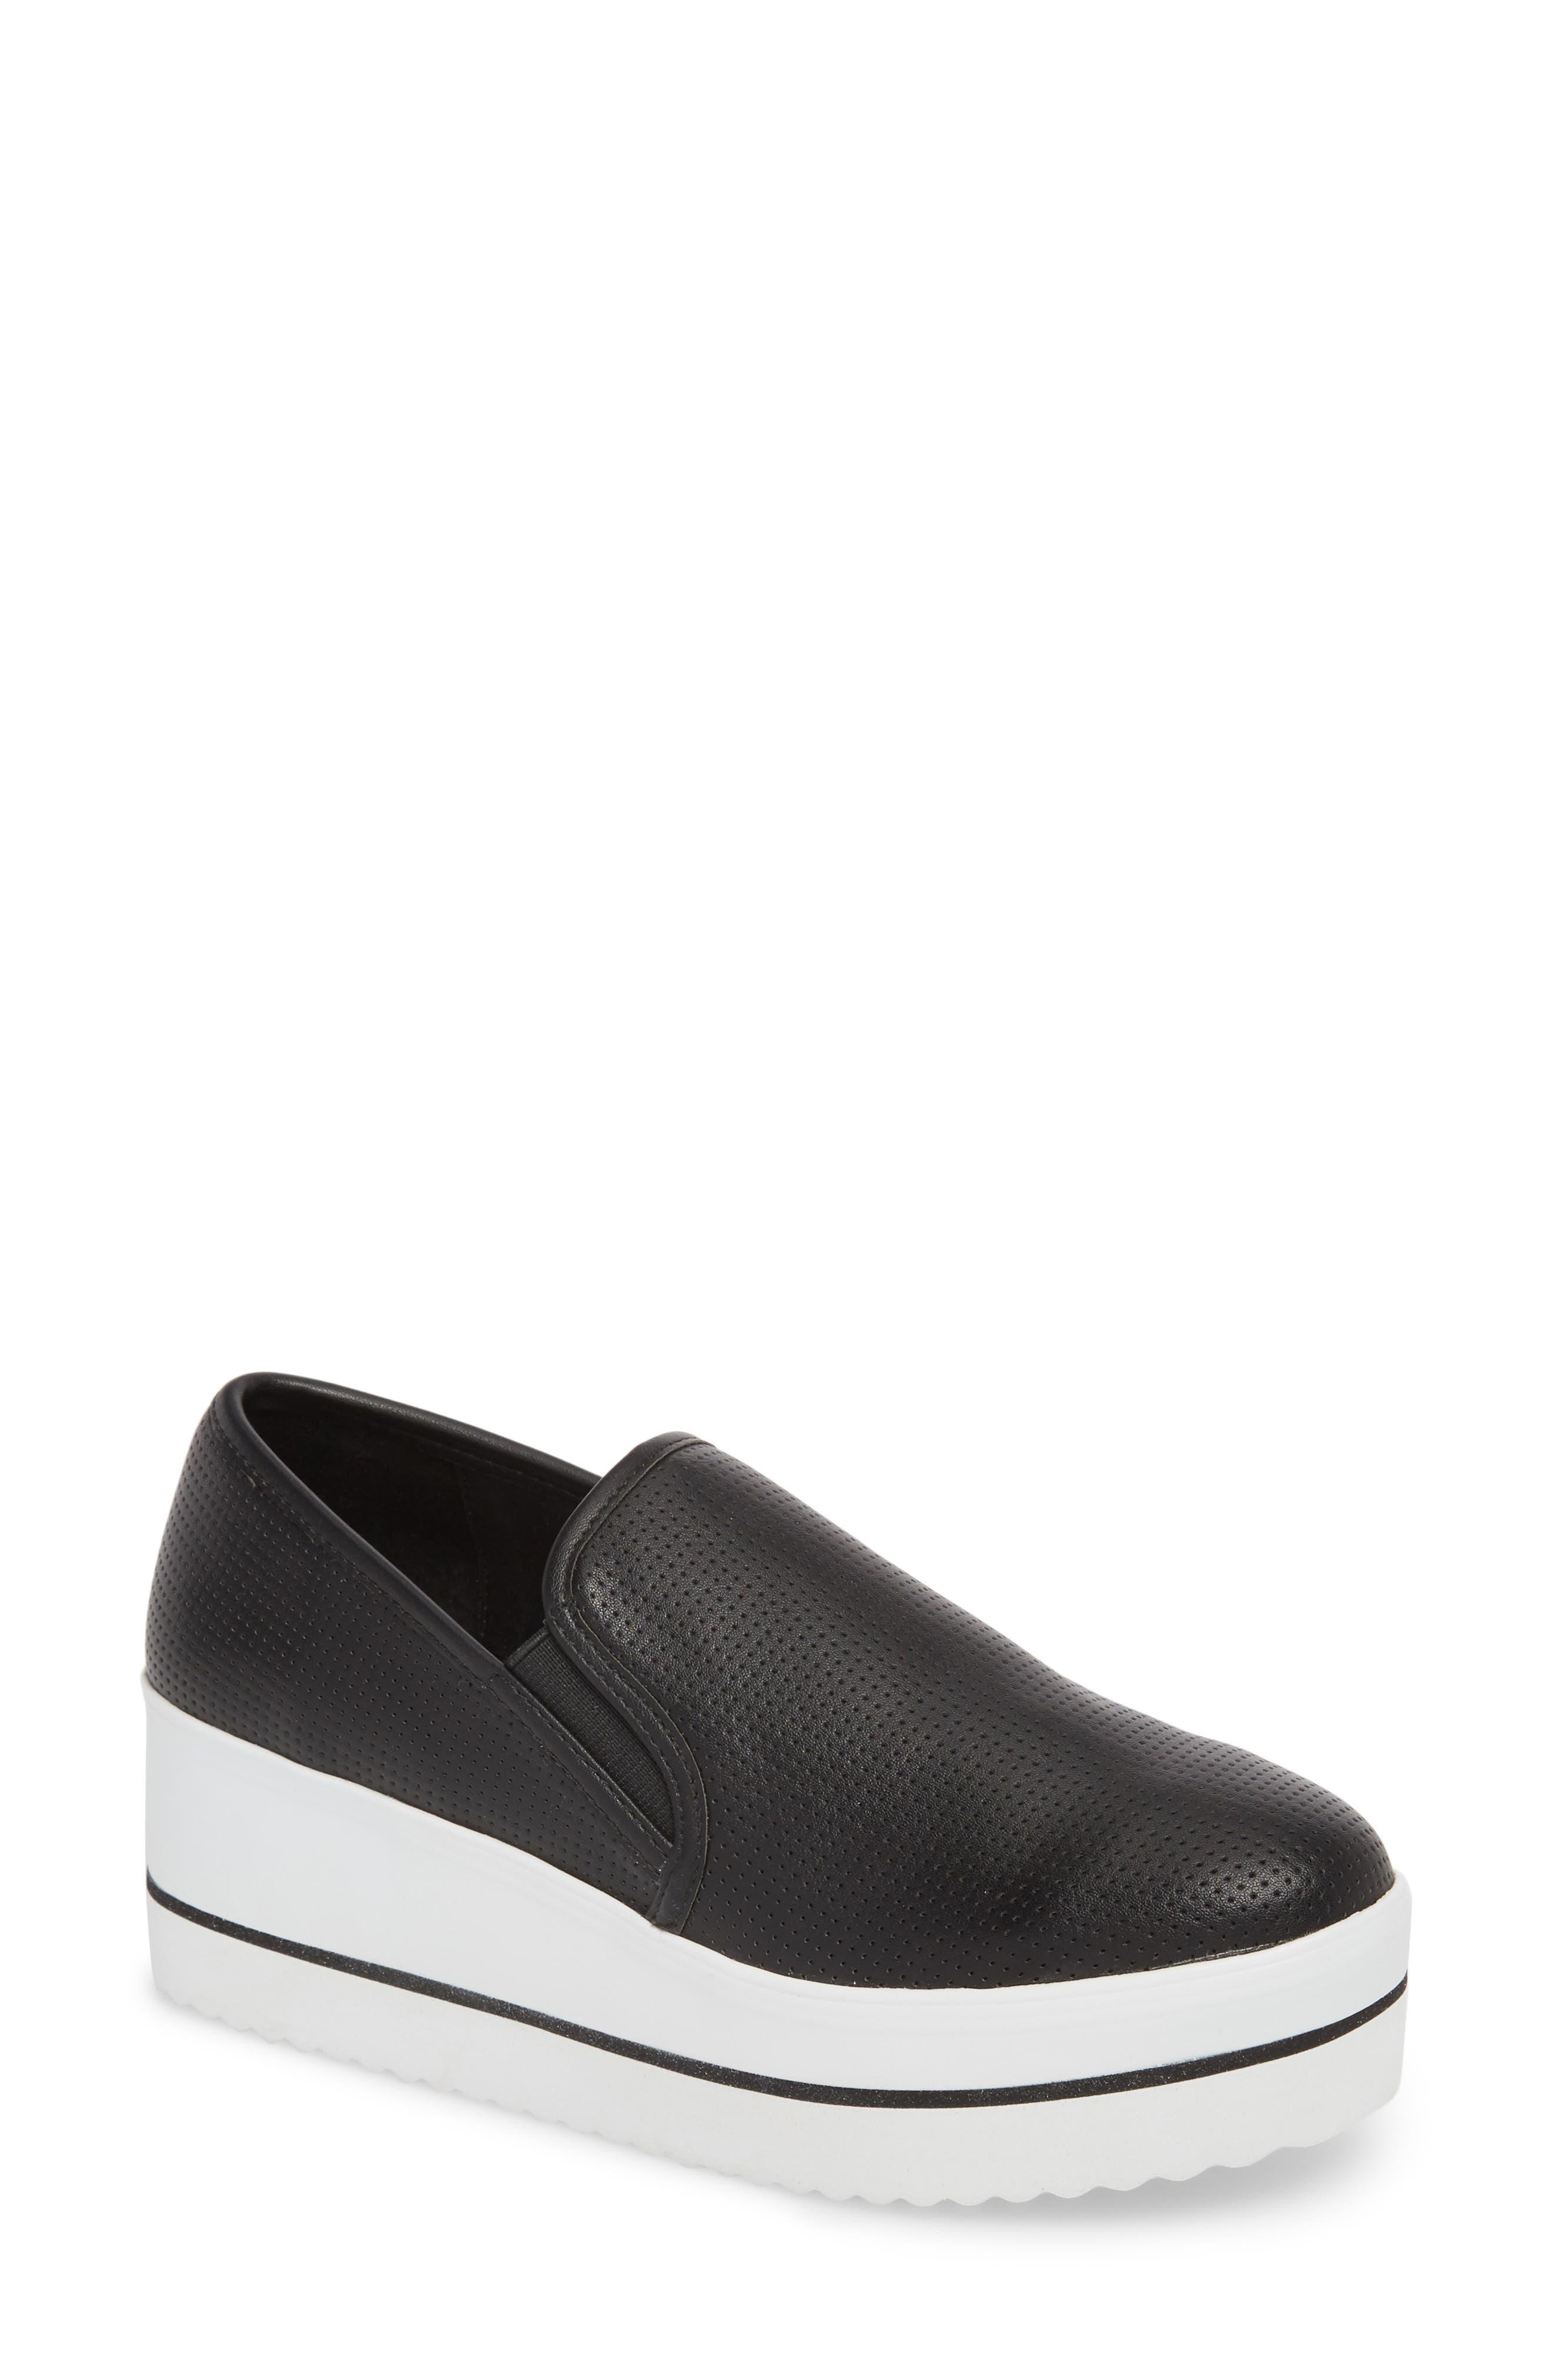 Steve Madden Becca Slip-On Sneaker